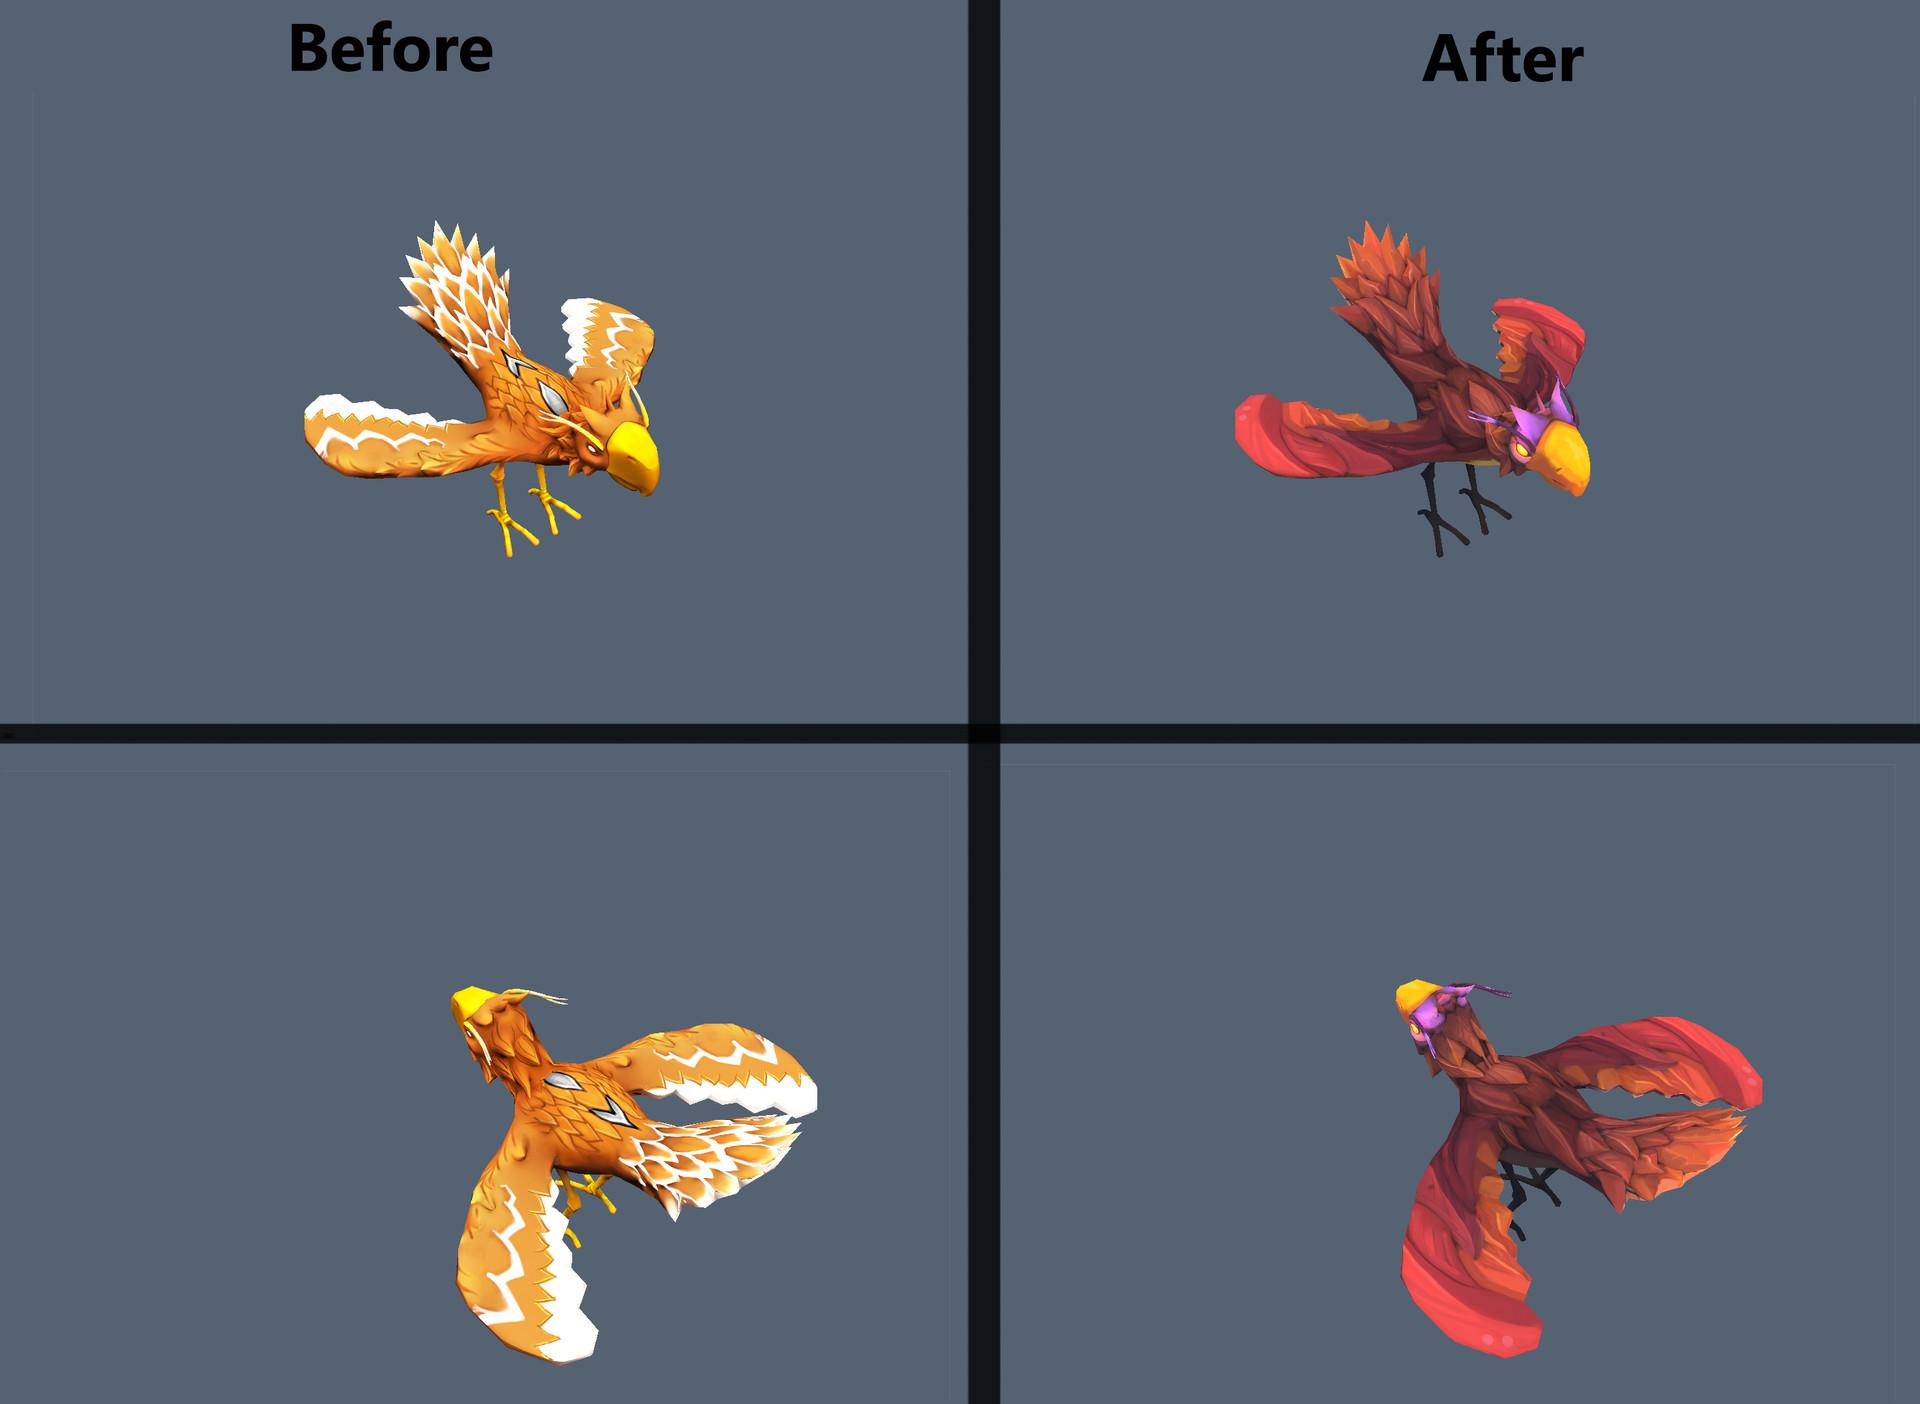 Drakhas oguzalp donduren texture before after2 9